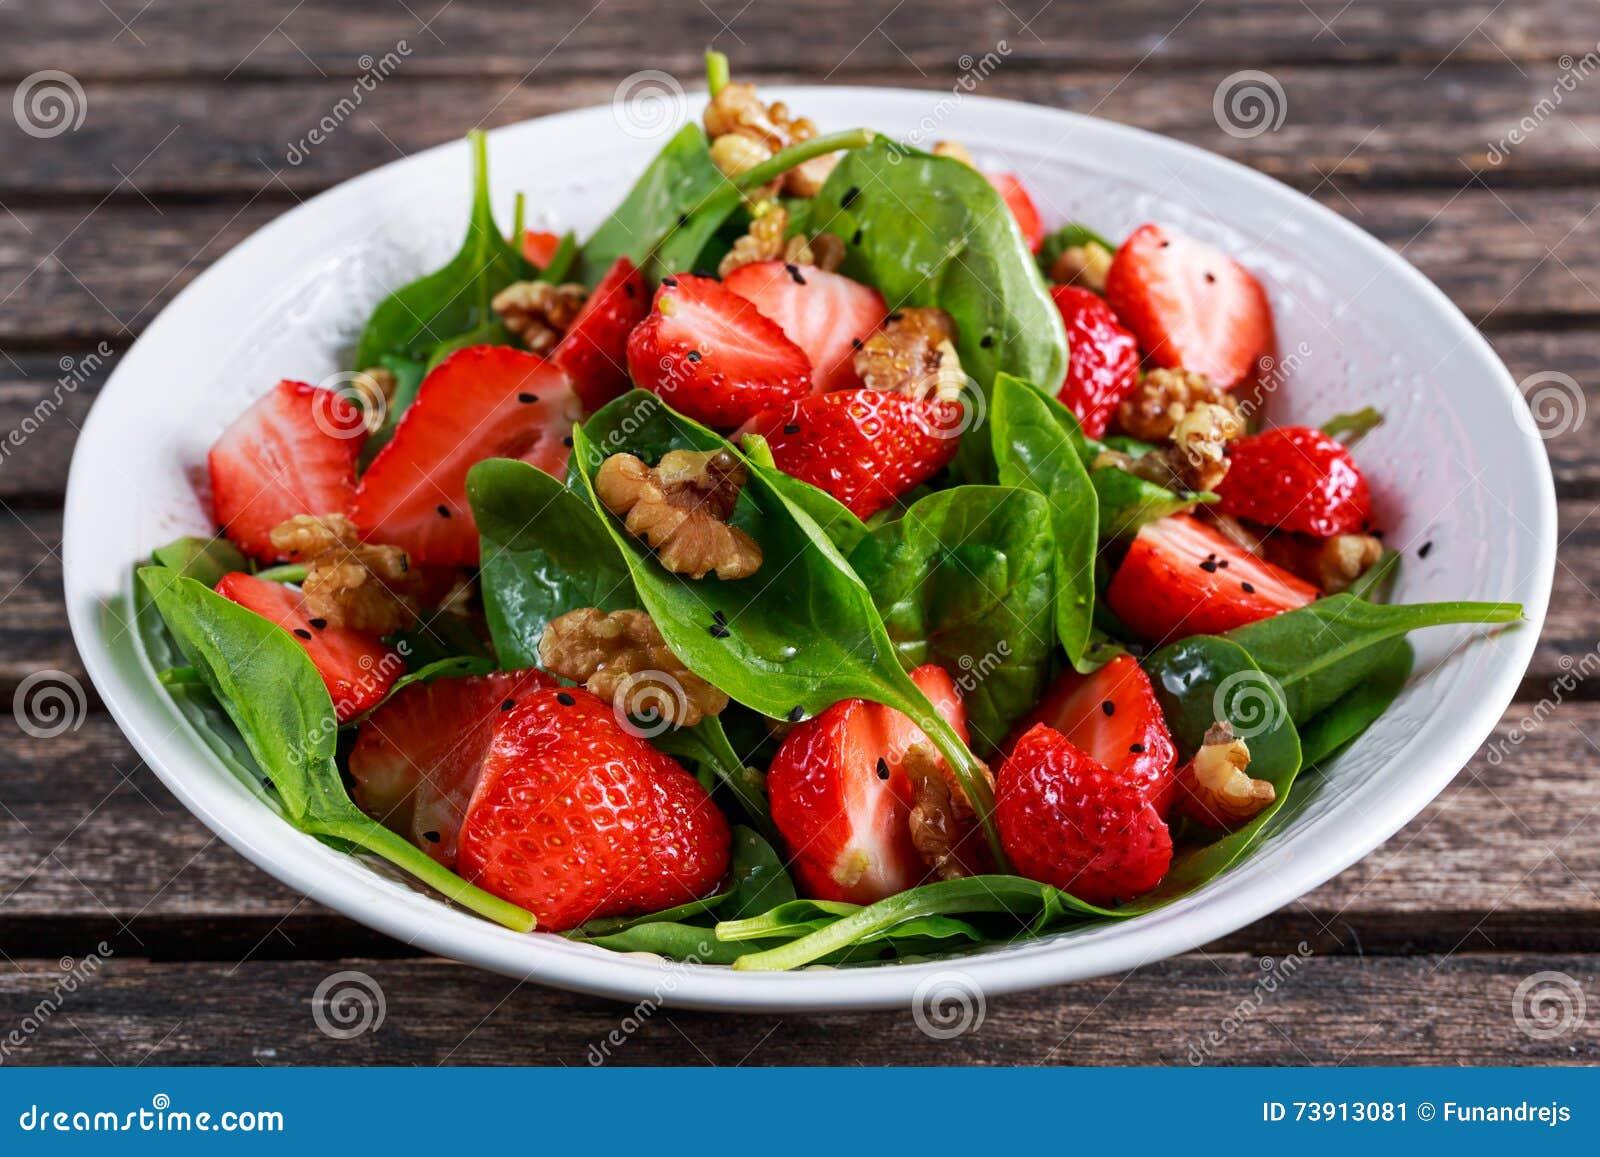 夏天果子素食主义者菠菜草莓坚果沙拉 概念健康食品